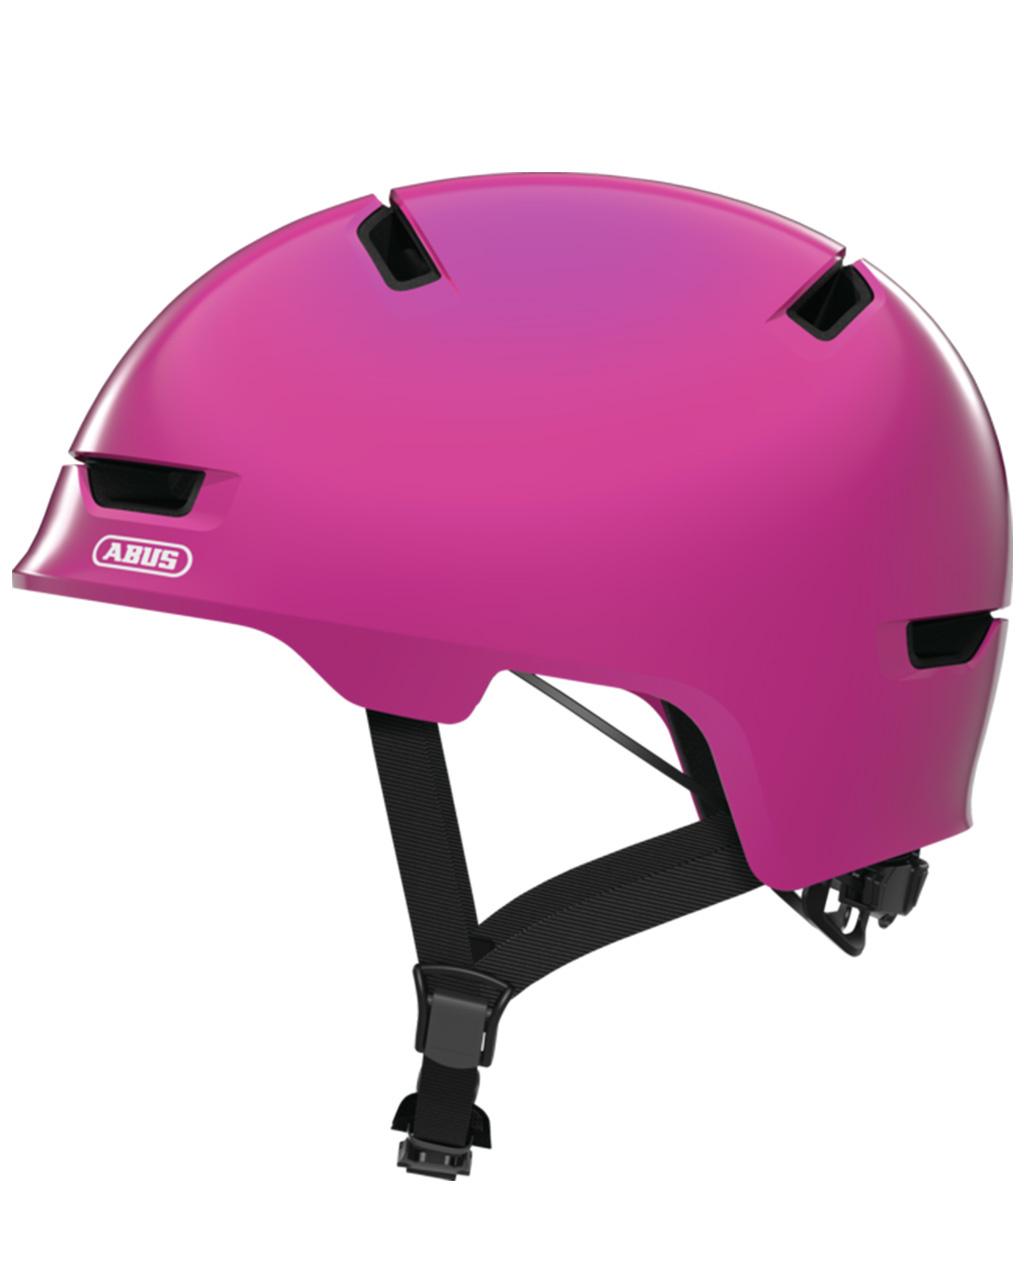 ABUS Kid's Helmet